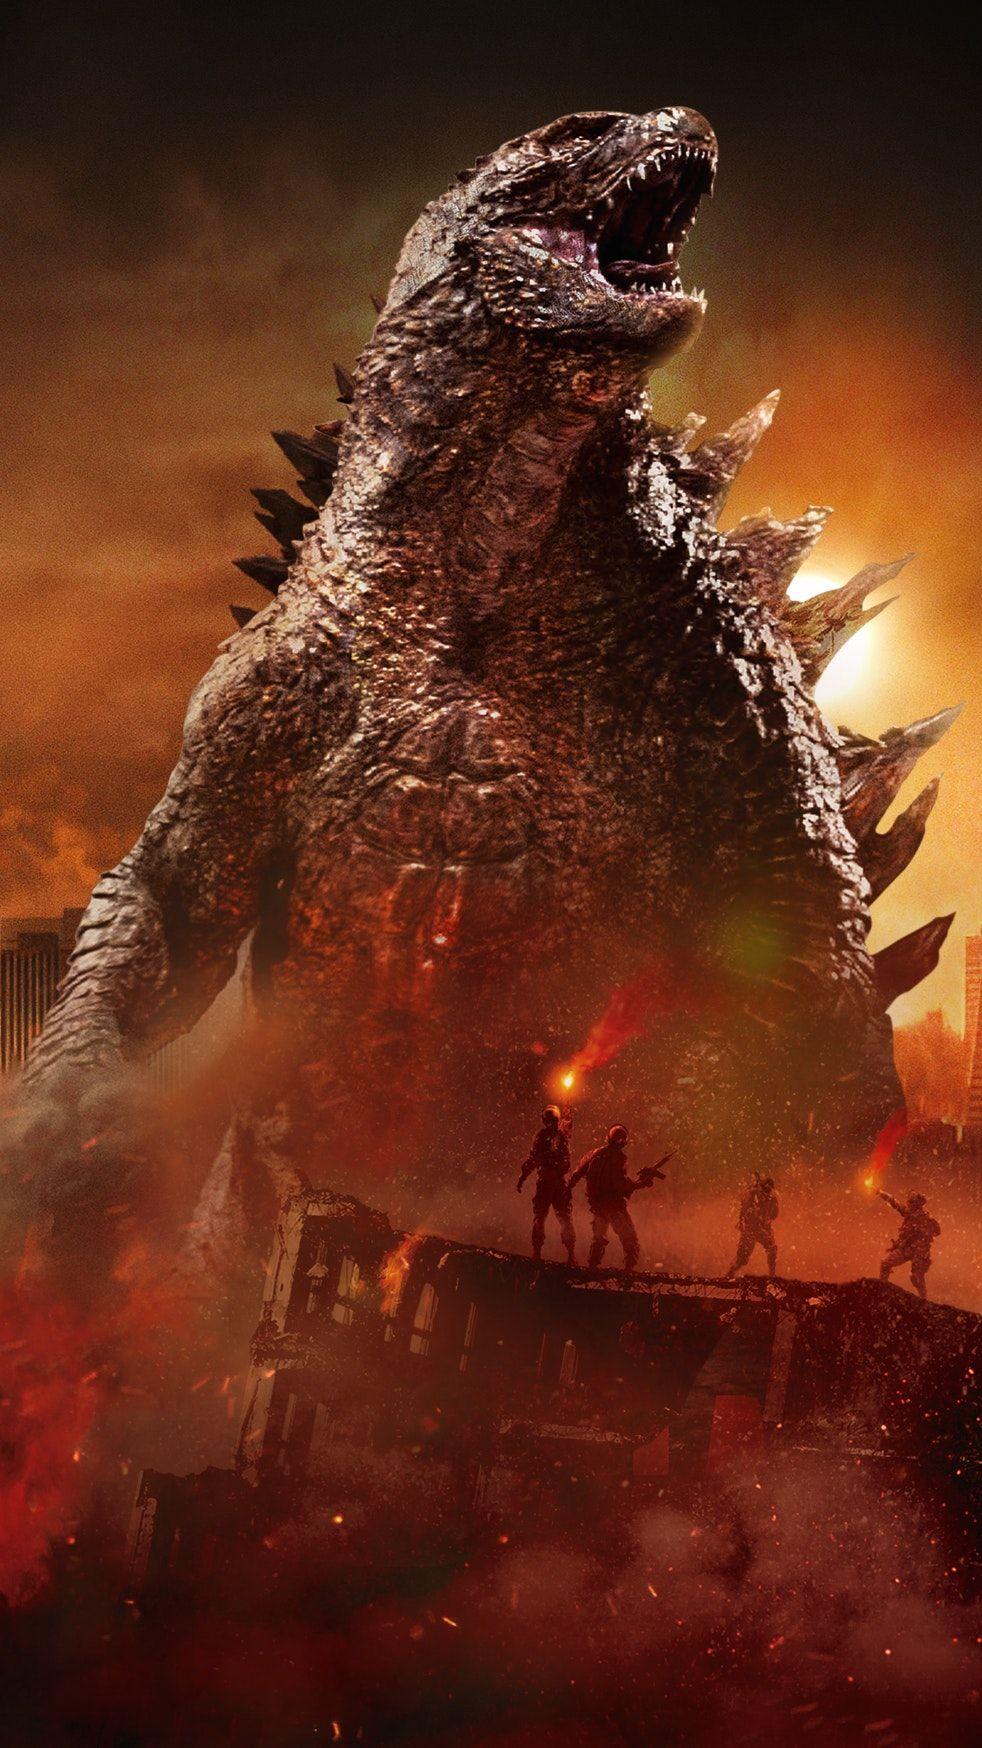 Godzilla (2014) Phone Wallpaper Godzilla, Godzilla